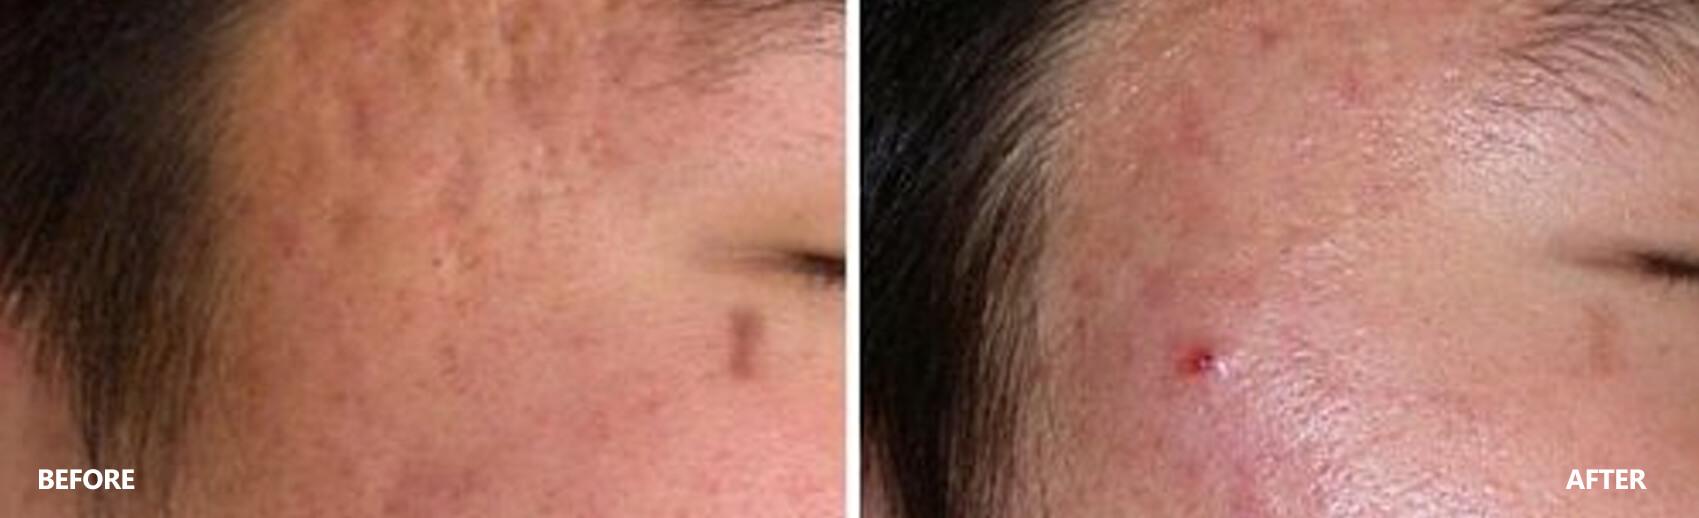 scar-result-4